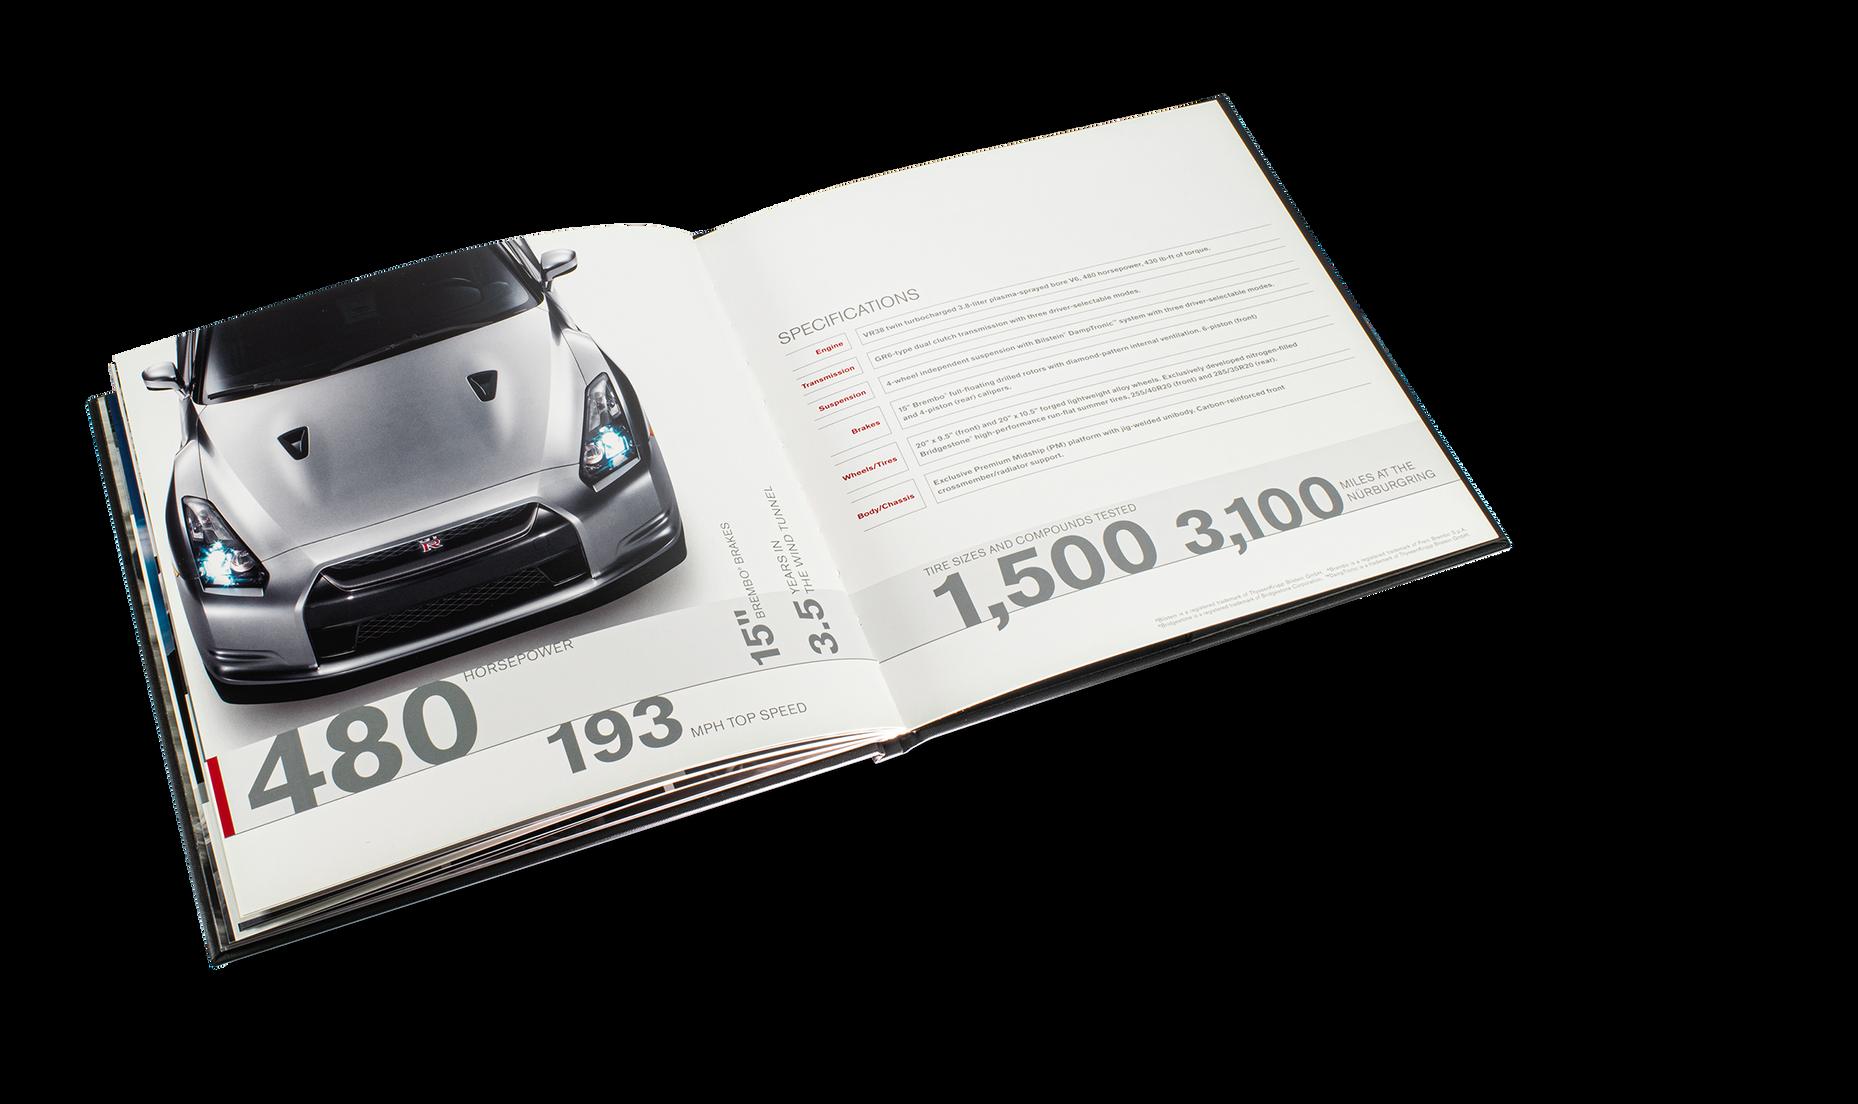 Nissan GTR Car Book Spread 19